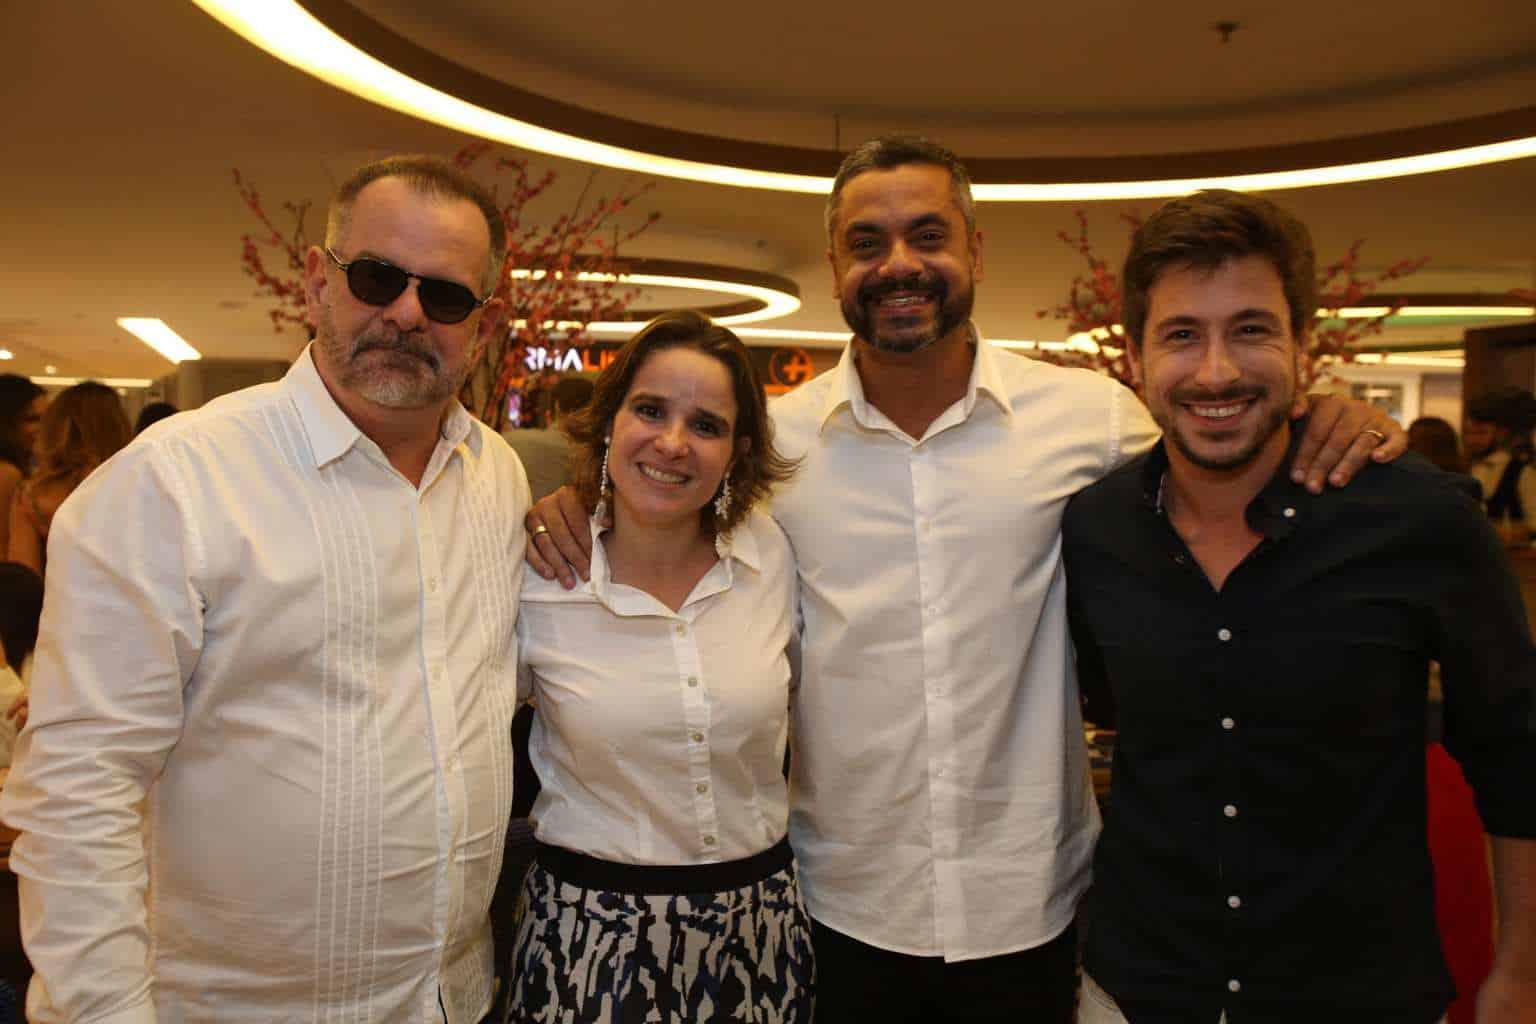 Eduardo-Machado-Laura-Vilela-André-Melo-e-Bruno-Masello_-Gabriel-Mendes-1